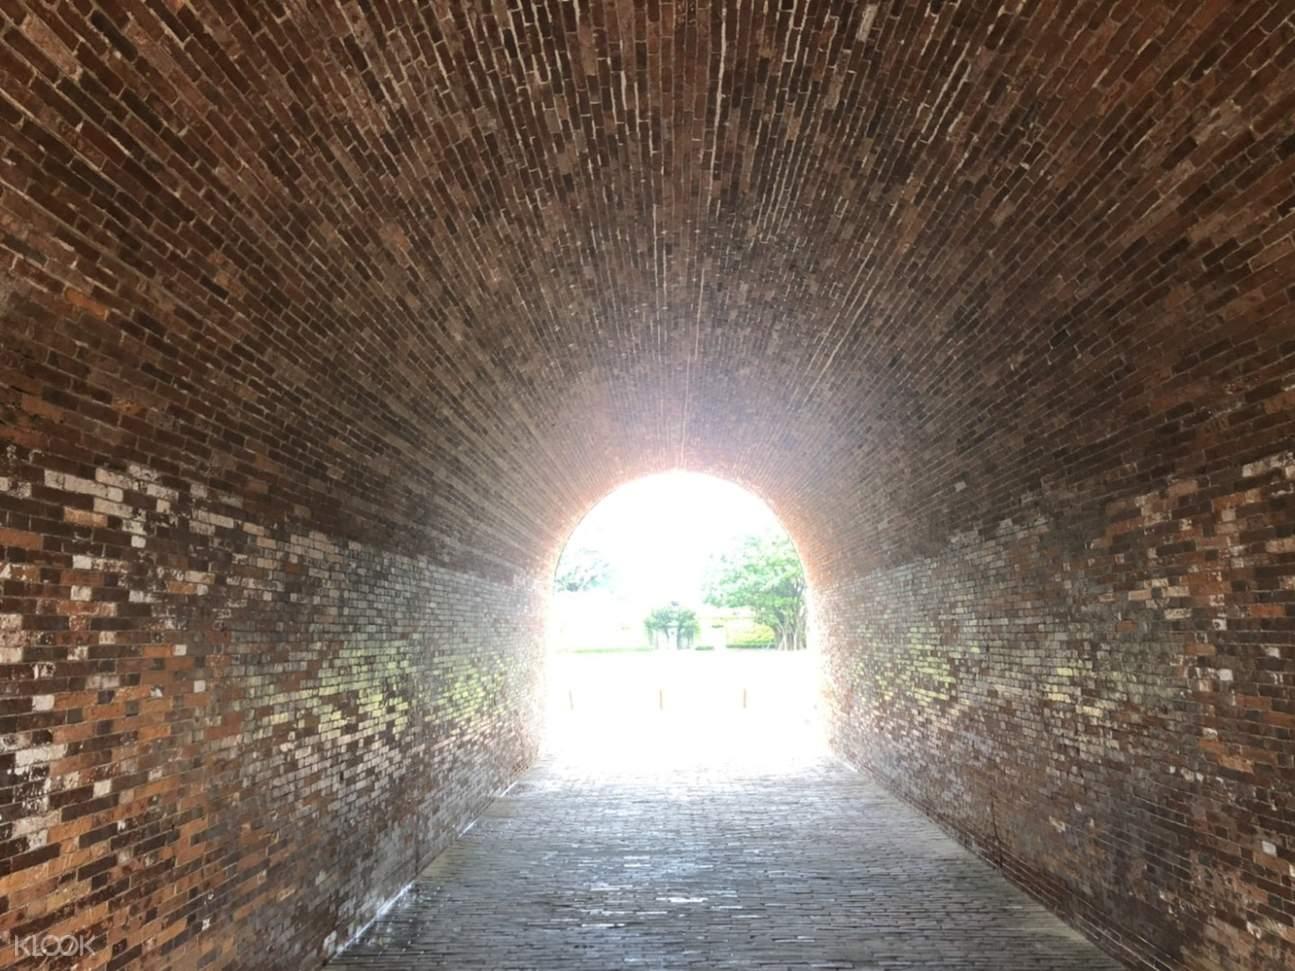 圓拱形的隧道式城門洞連通到砲台內,像進入到時光隧道,穿越古今